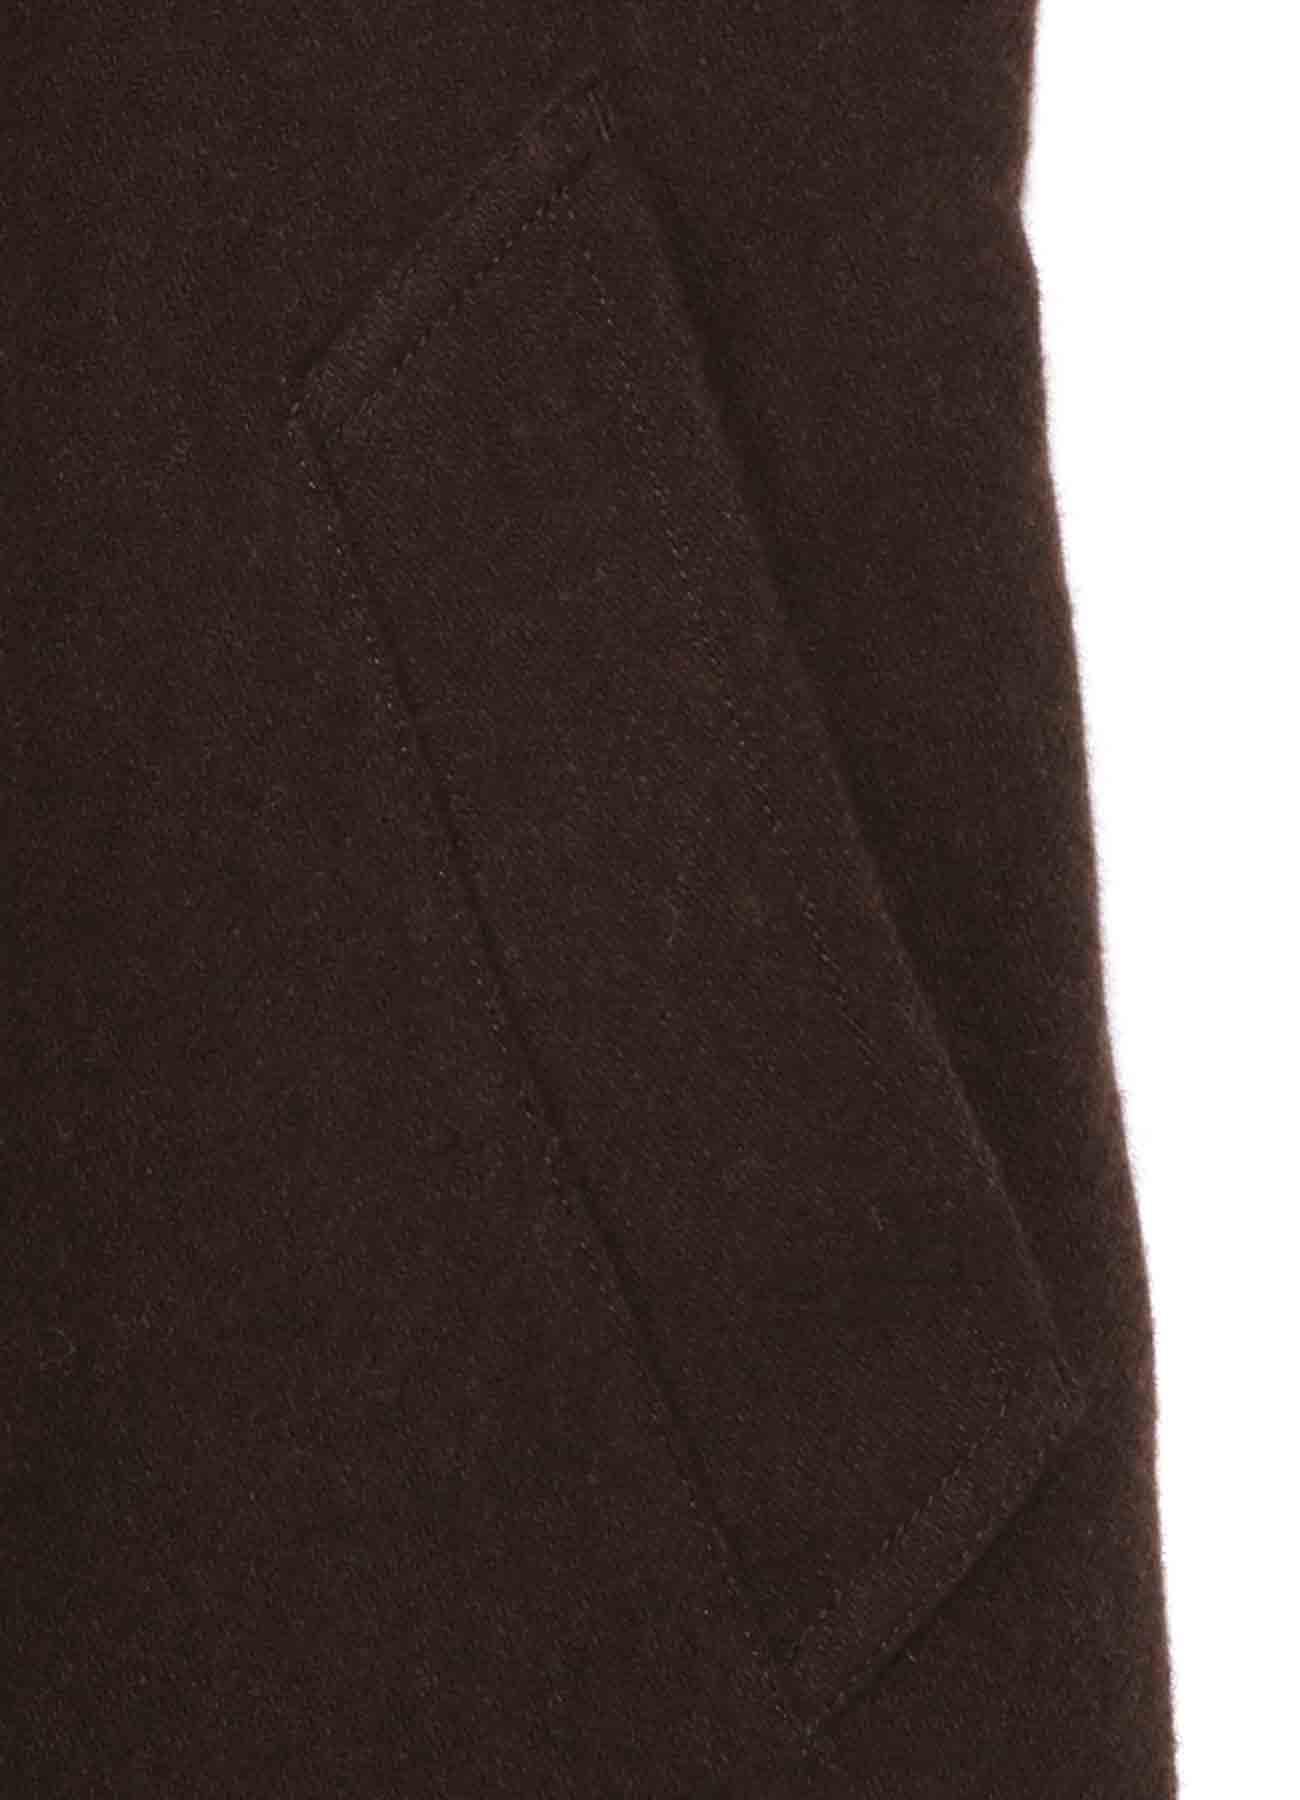 Vintage Flannel Overalls